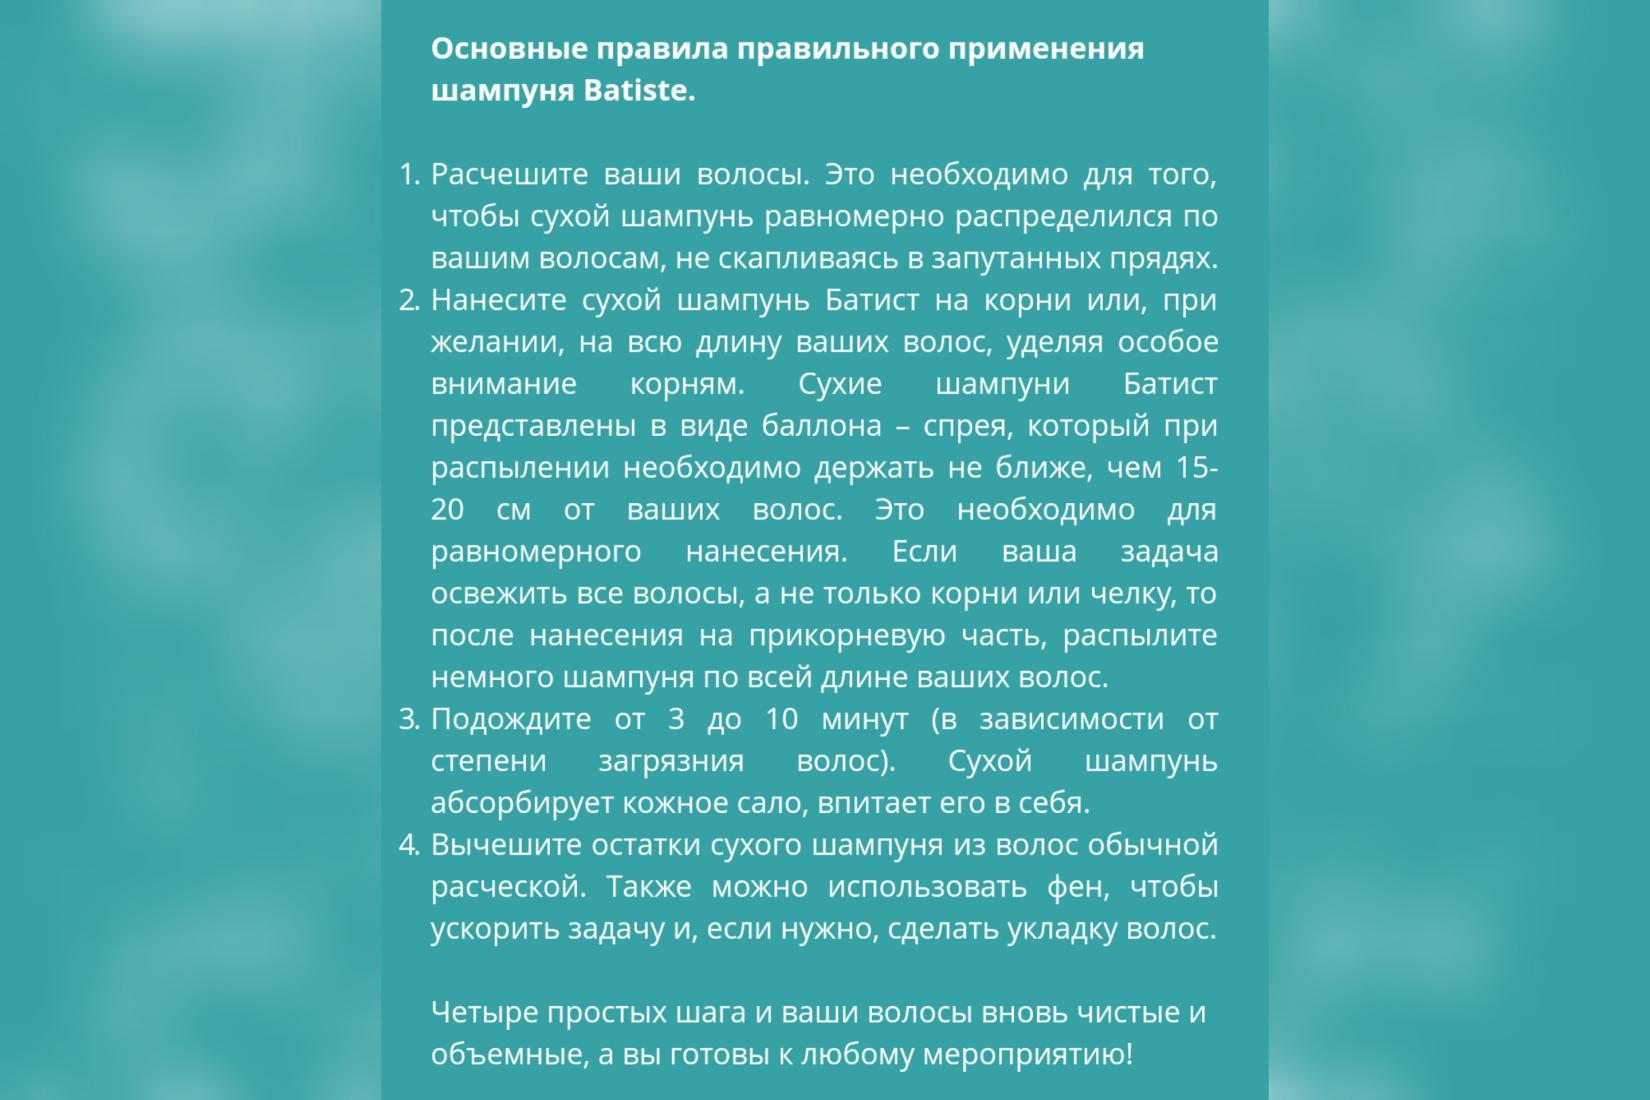 Сухой шампунь Batiste - инструкция по применению